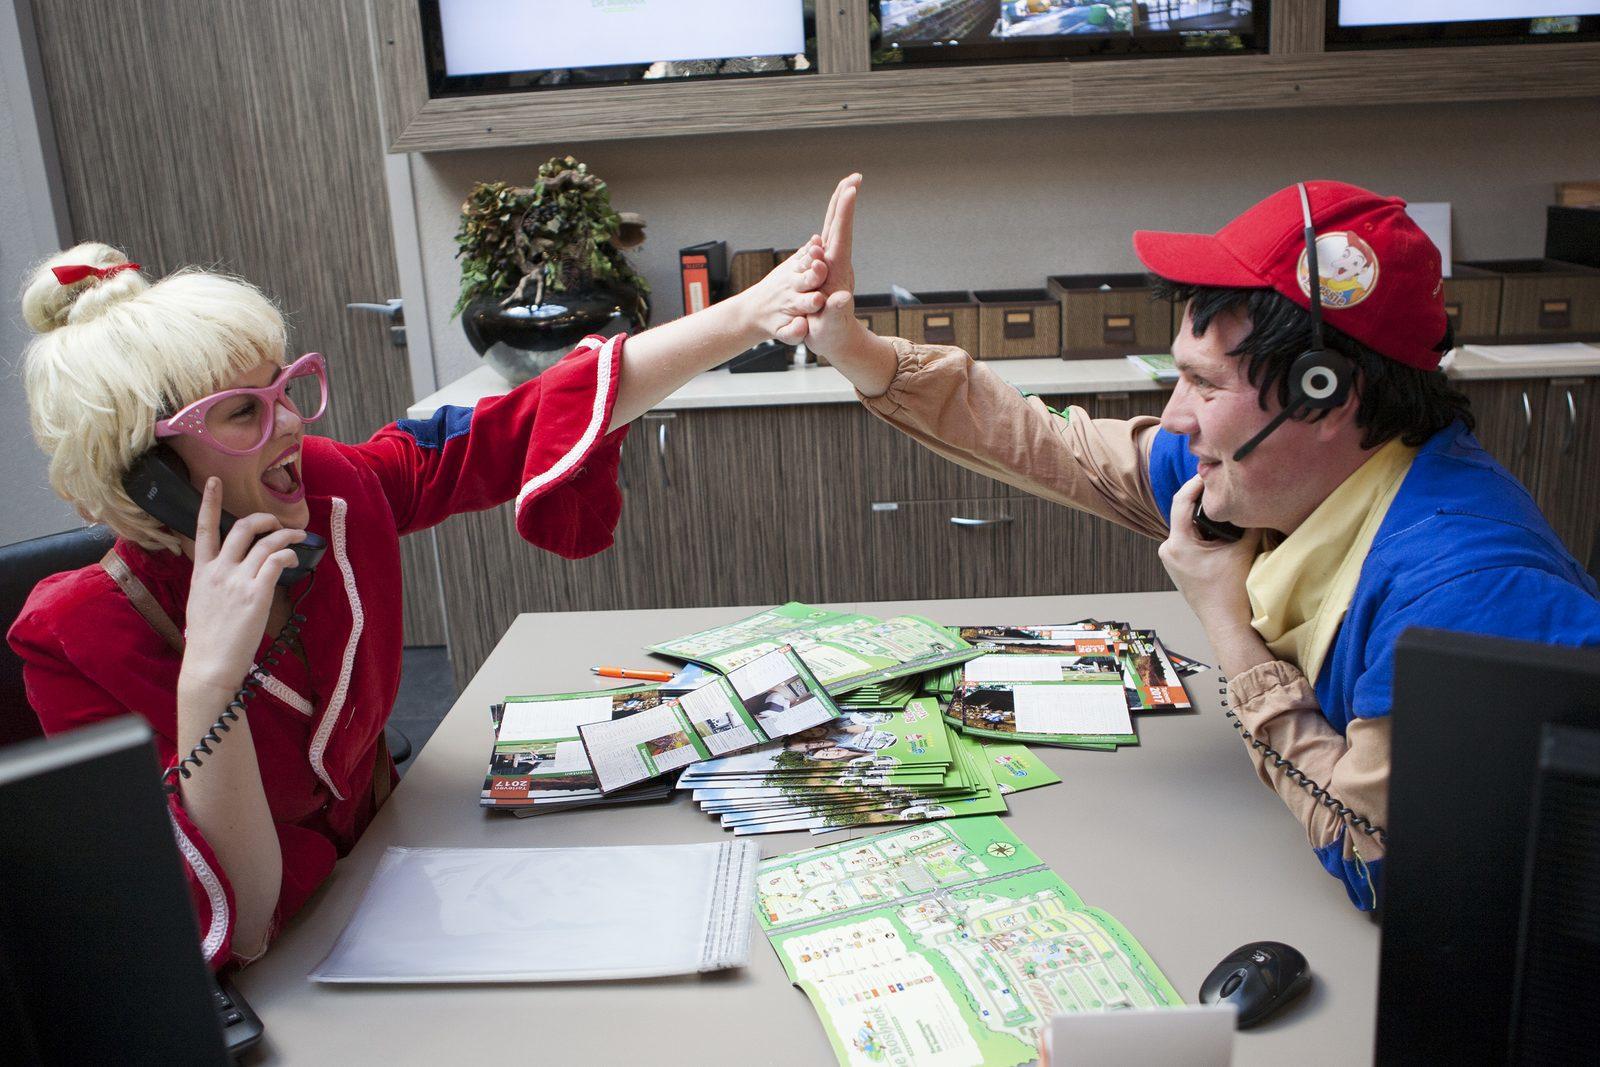 Keessie en Willie als mascottes op Recreatiepark De Boshoek